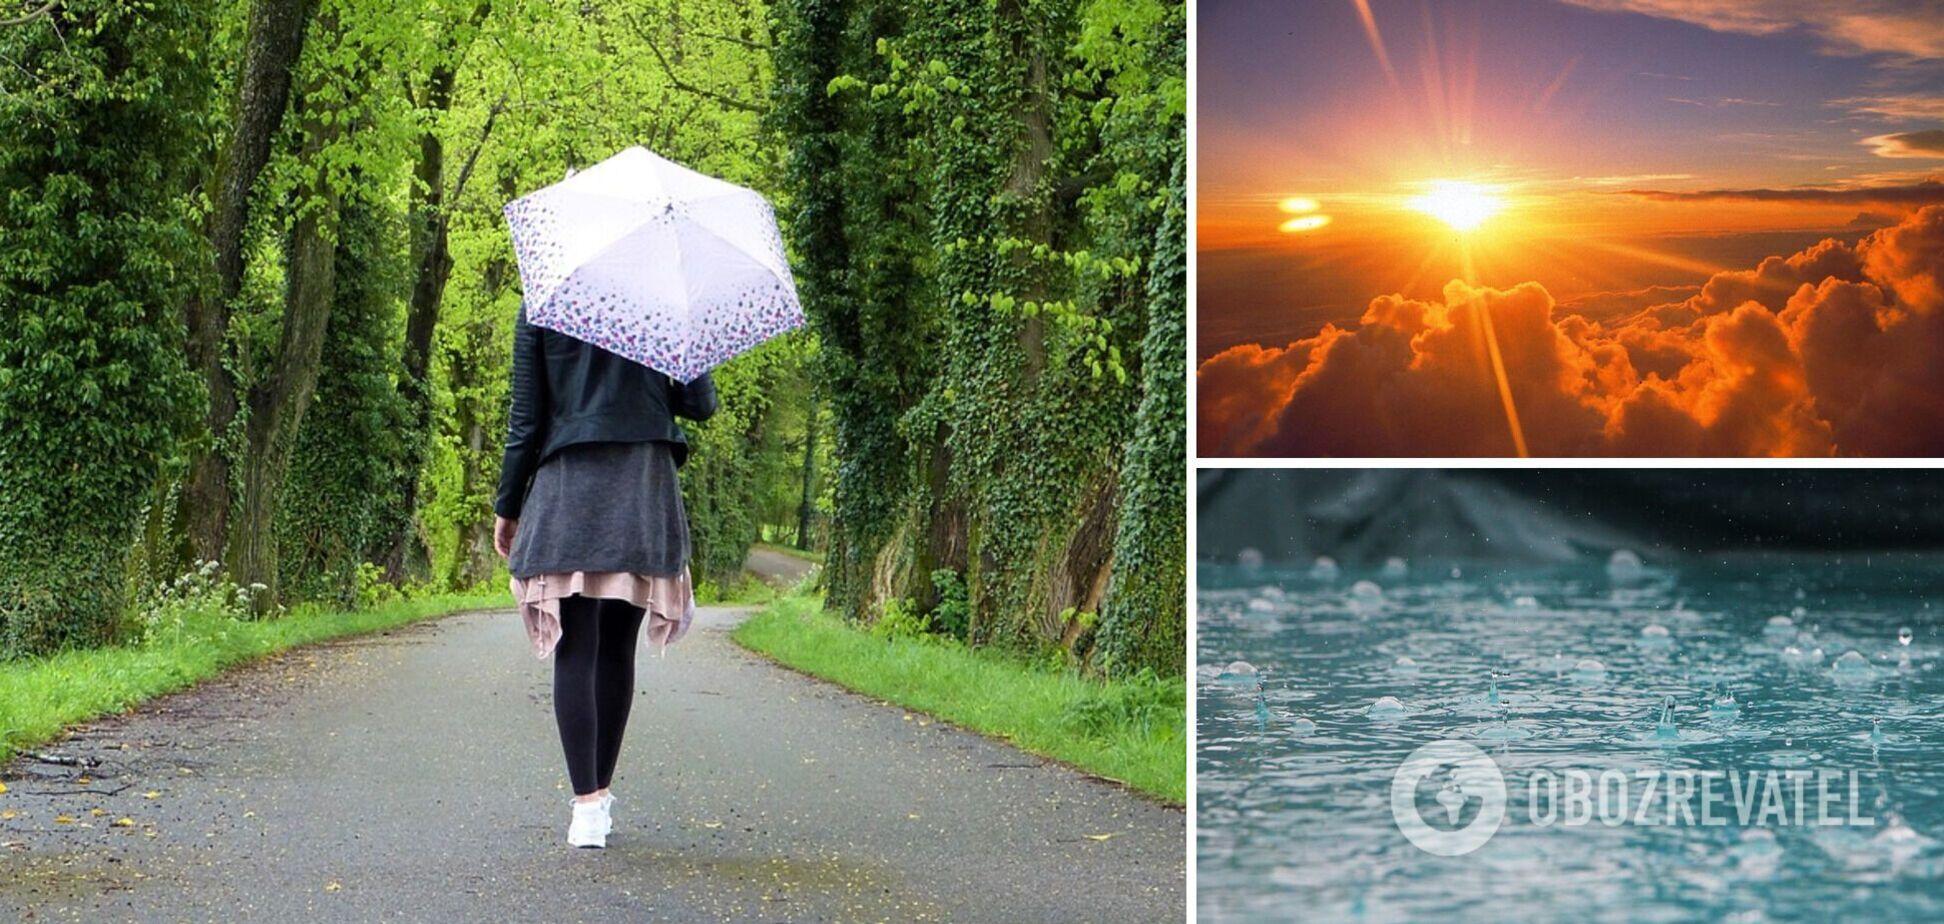 В Украине будет до +29, местами дожди: синоптик уточнила прогноз на воскресенье